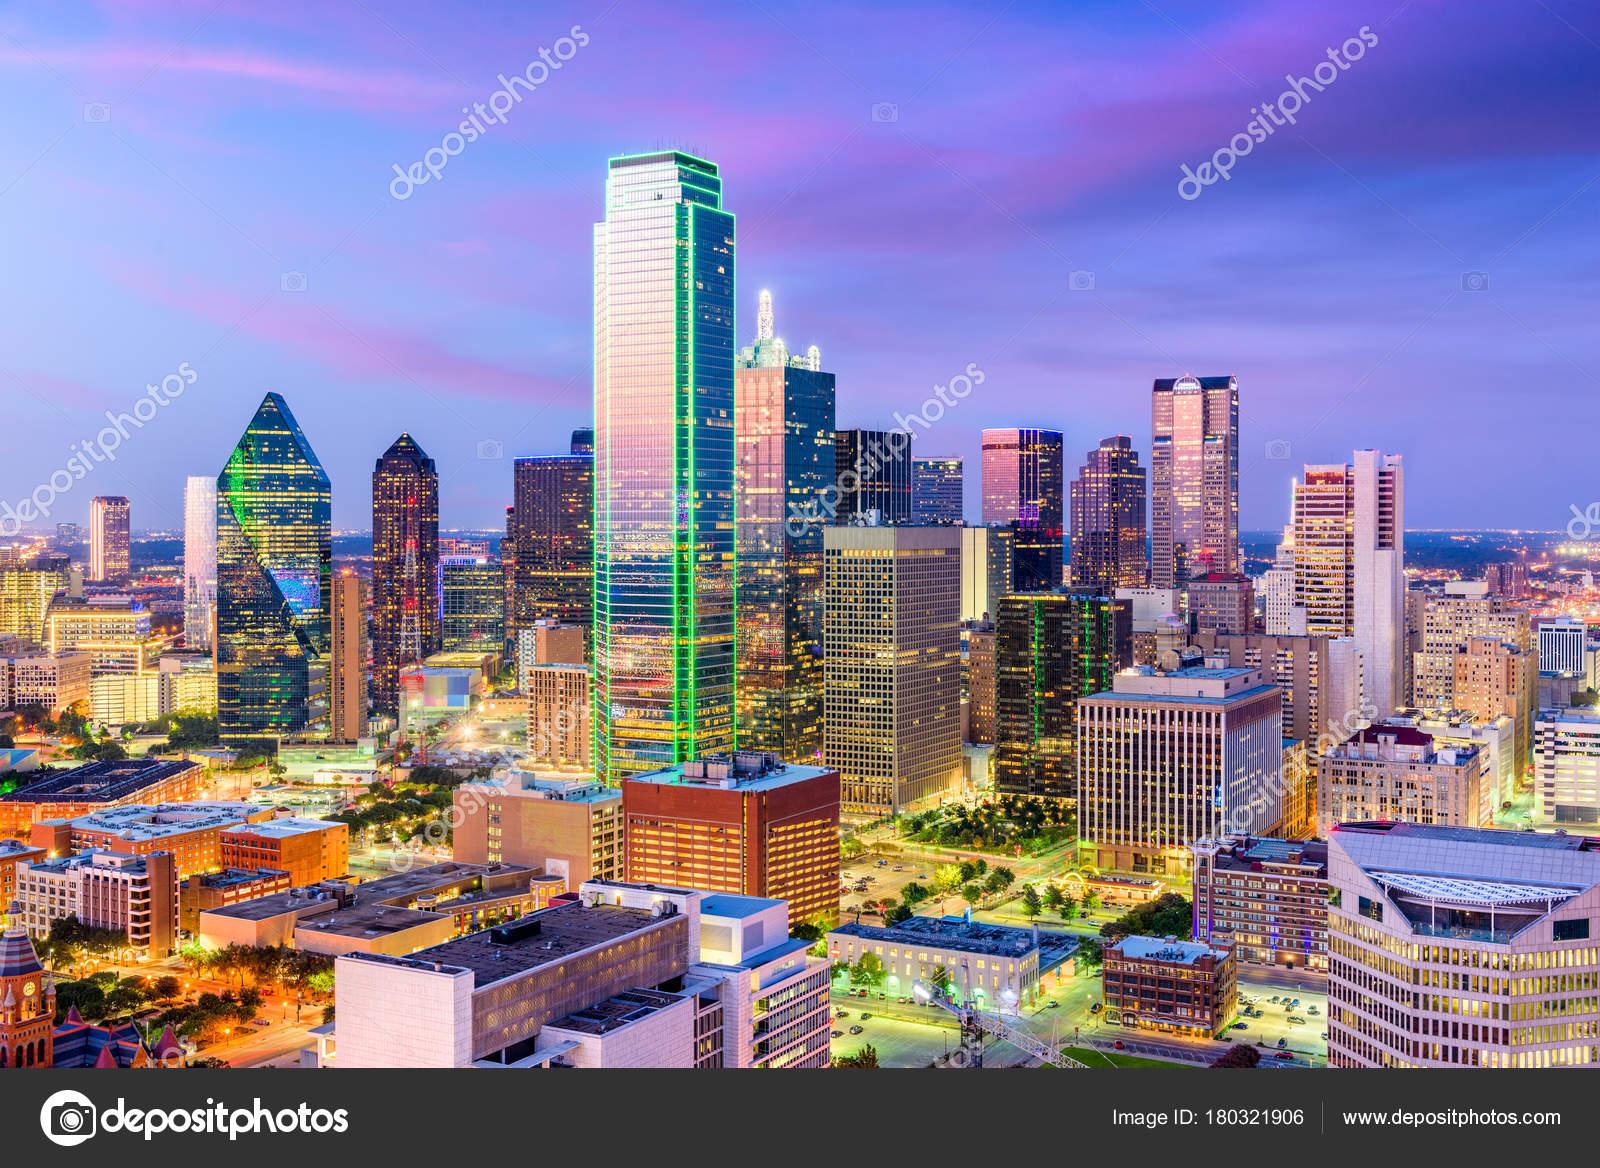 Pool Repair Dallas Fort Worth Texas, Pool Leak